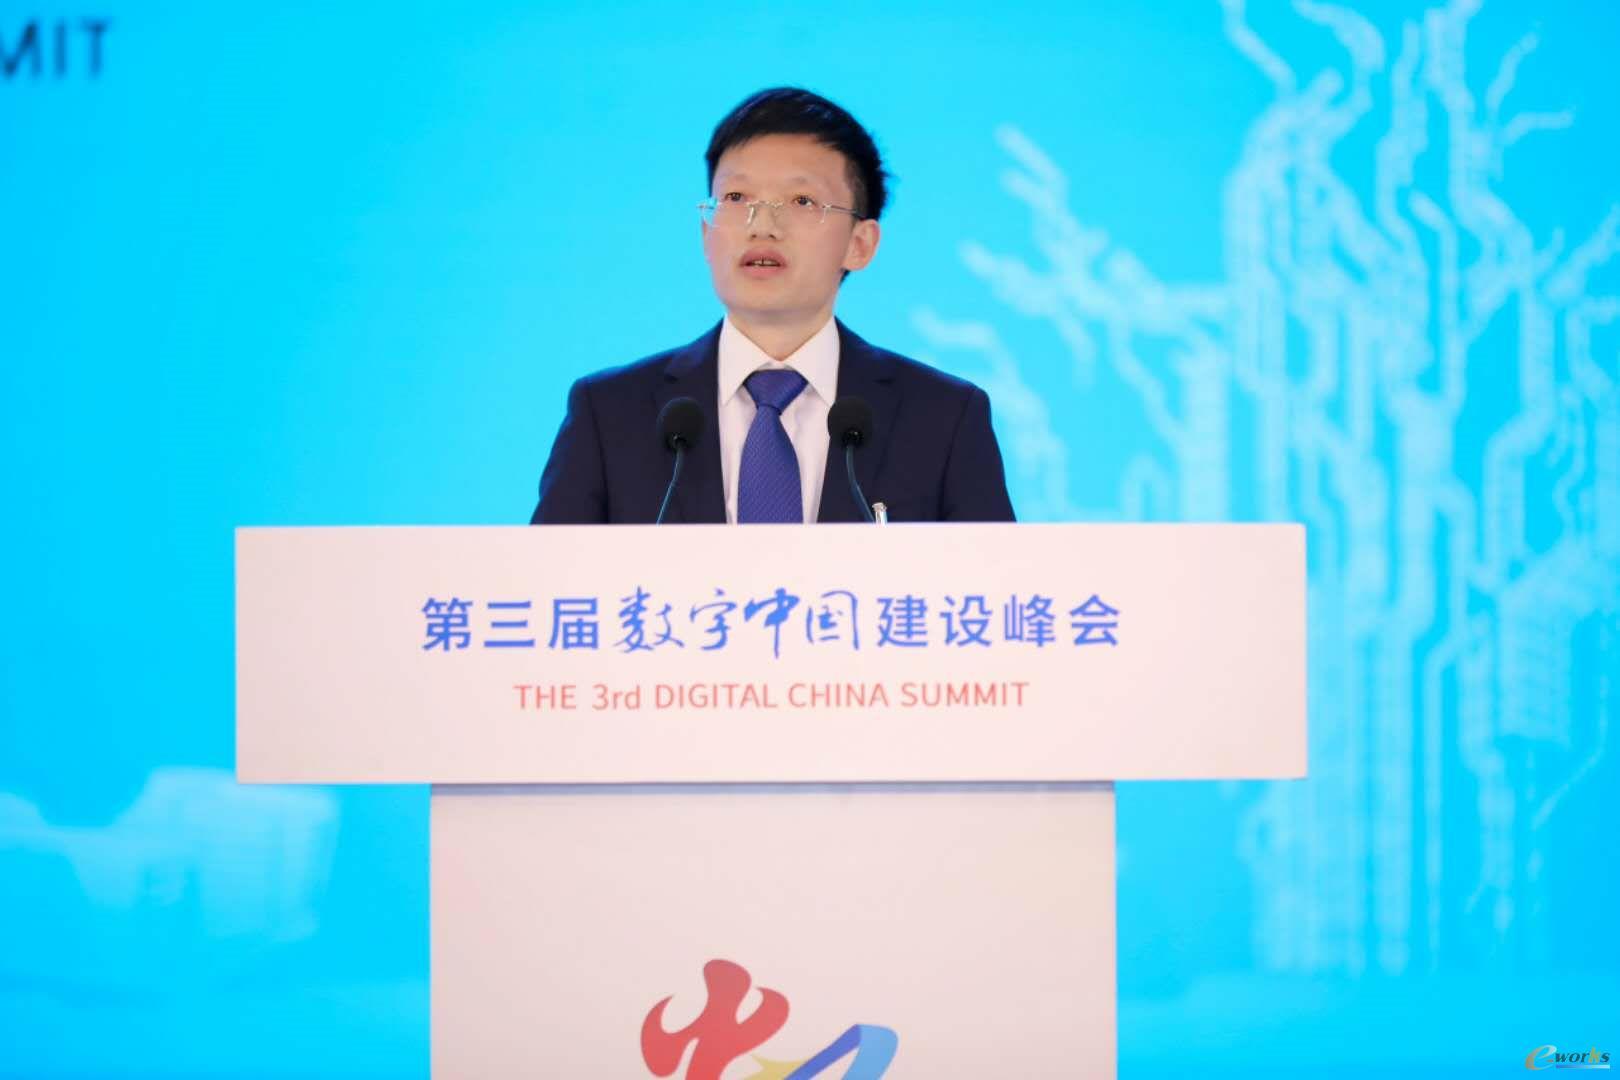 施耐德电气(中国)有限公司副总裁过程自动化业务中国区负责人何林